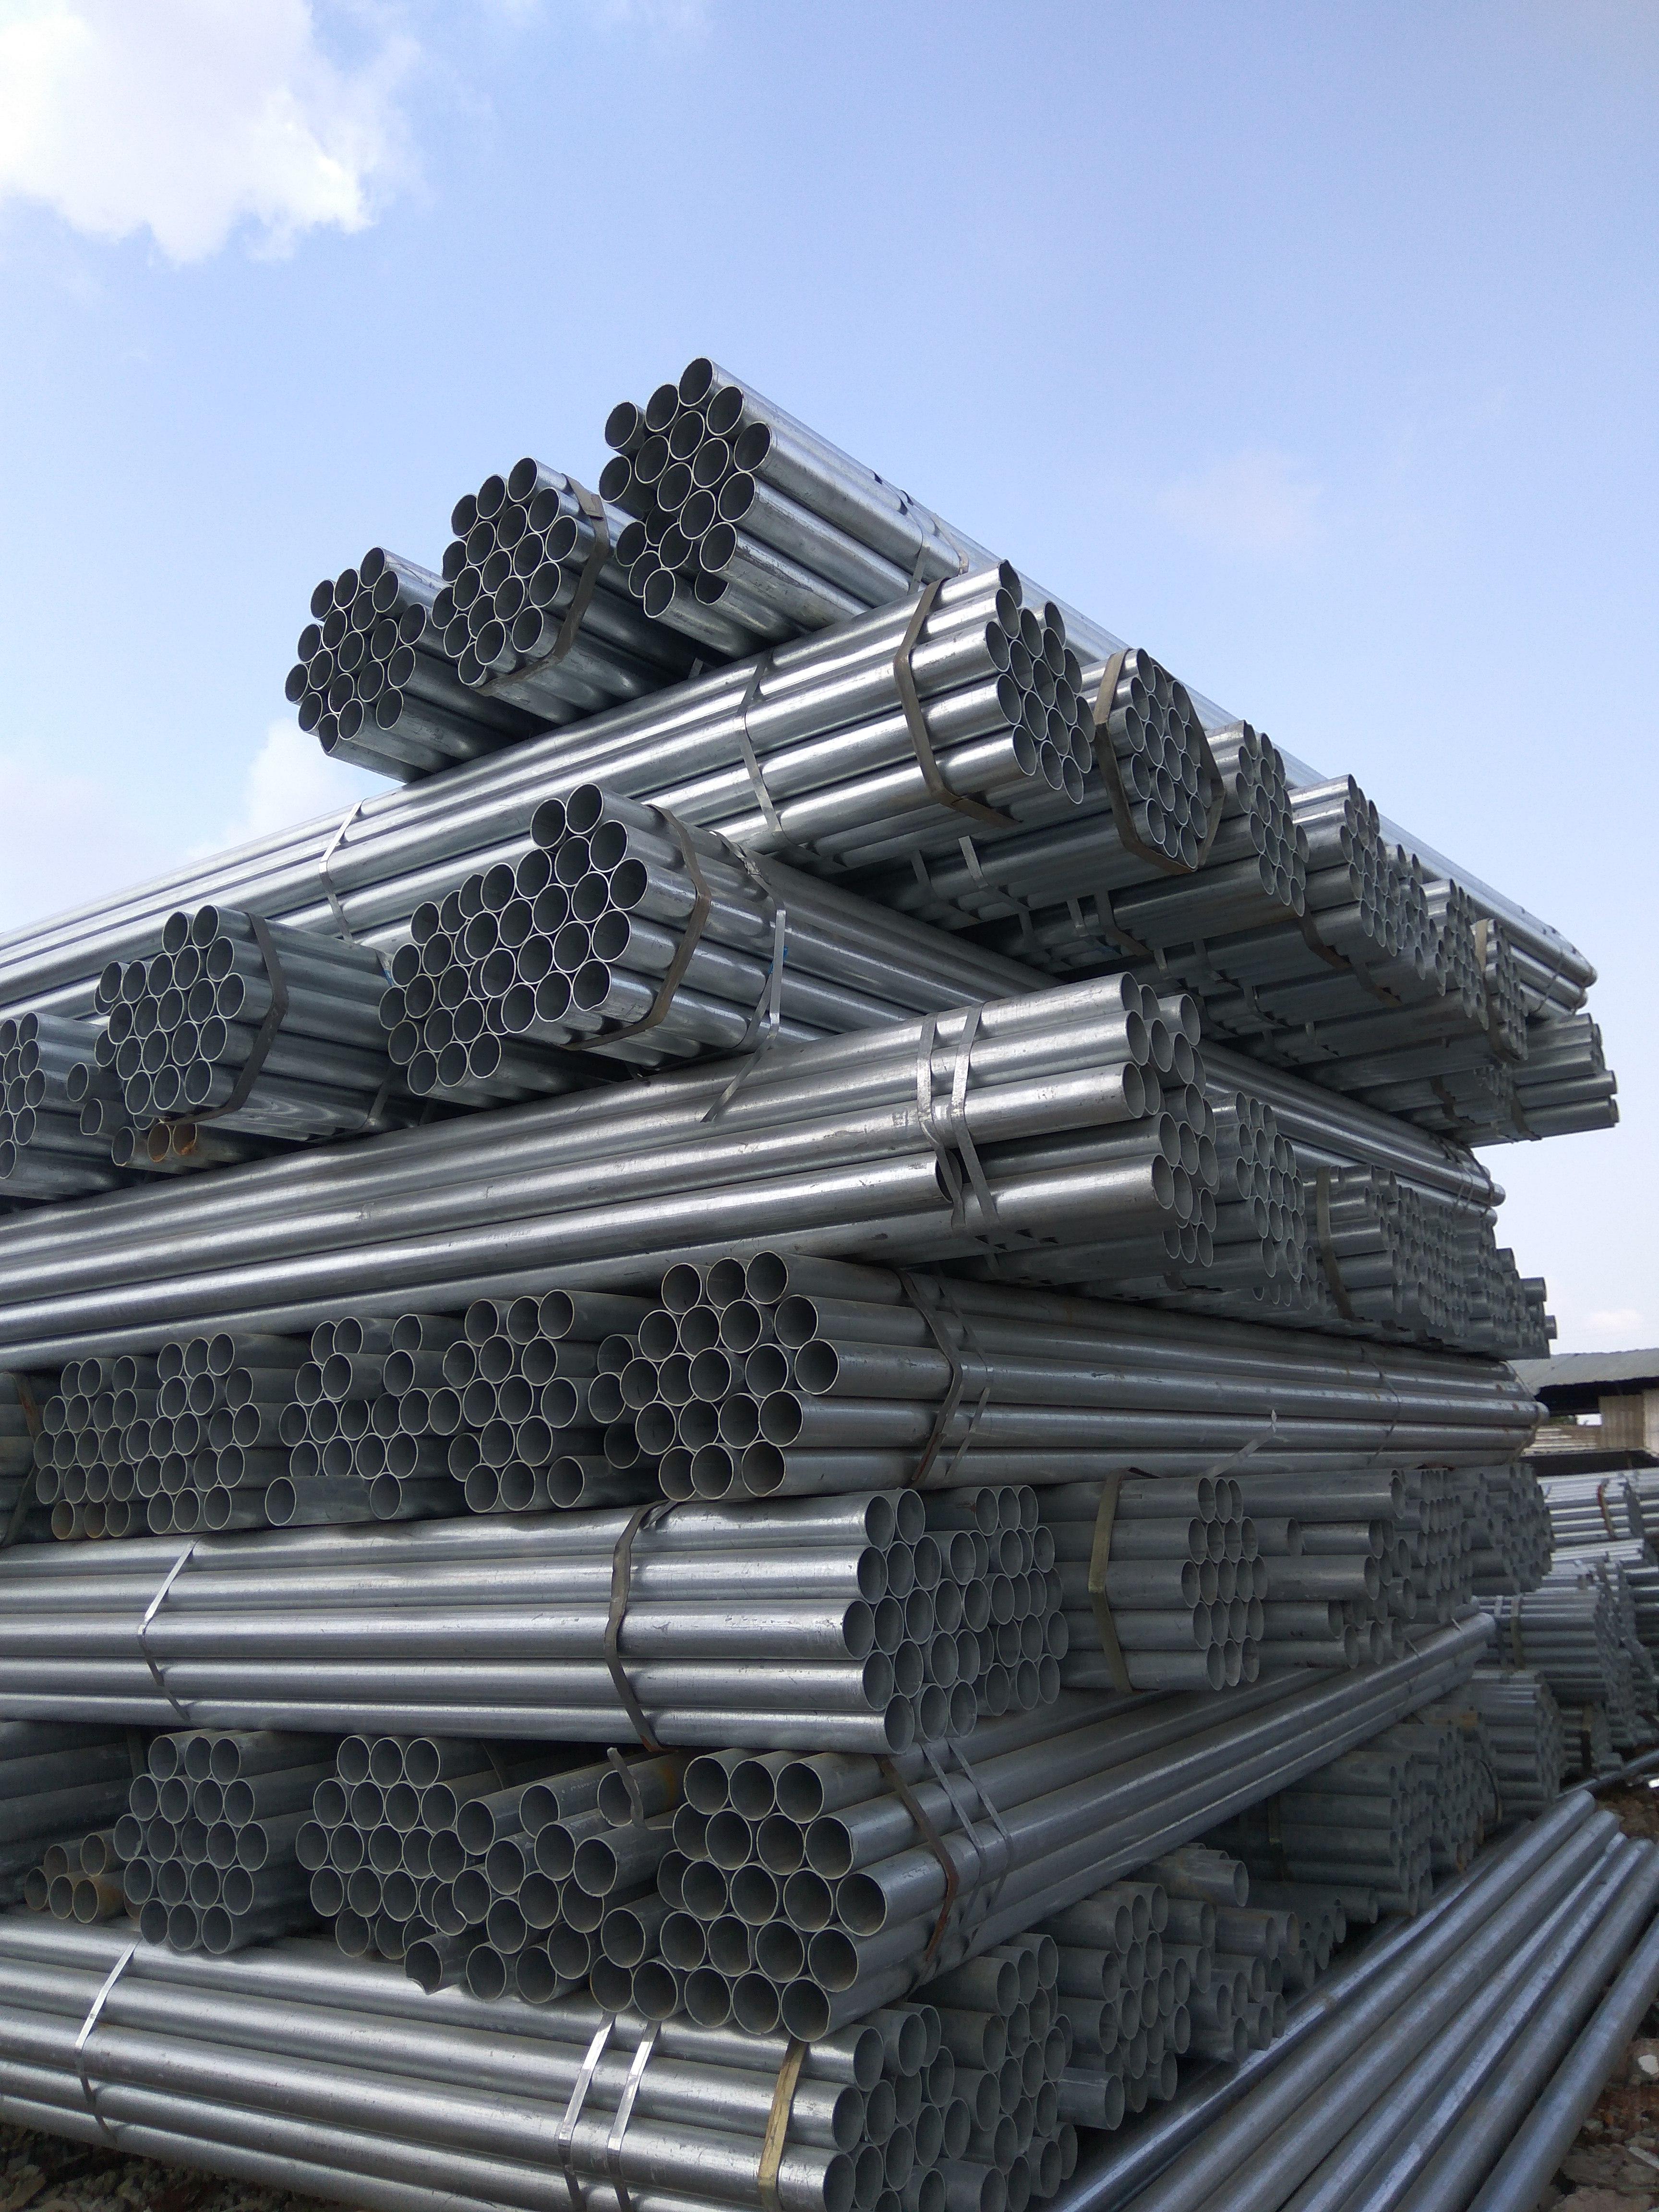 海南镀锌钢管价格  海南镀锌钢管批发  海南镀锌钢管厂家 海南镀锌钢管哪里卖便宜